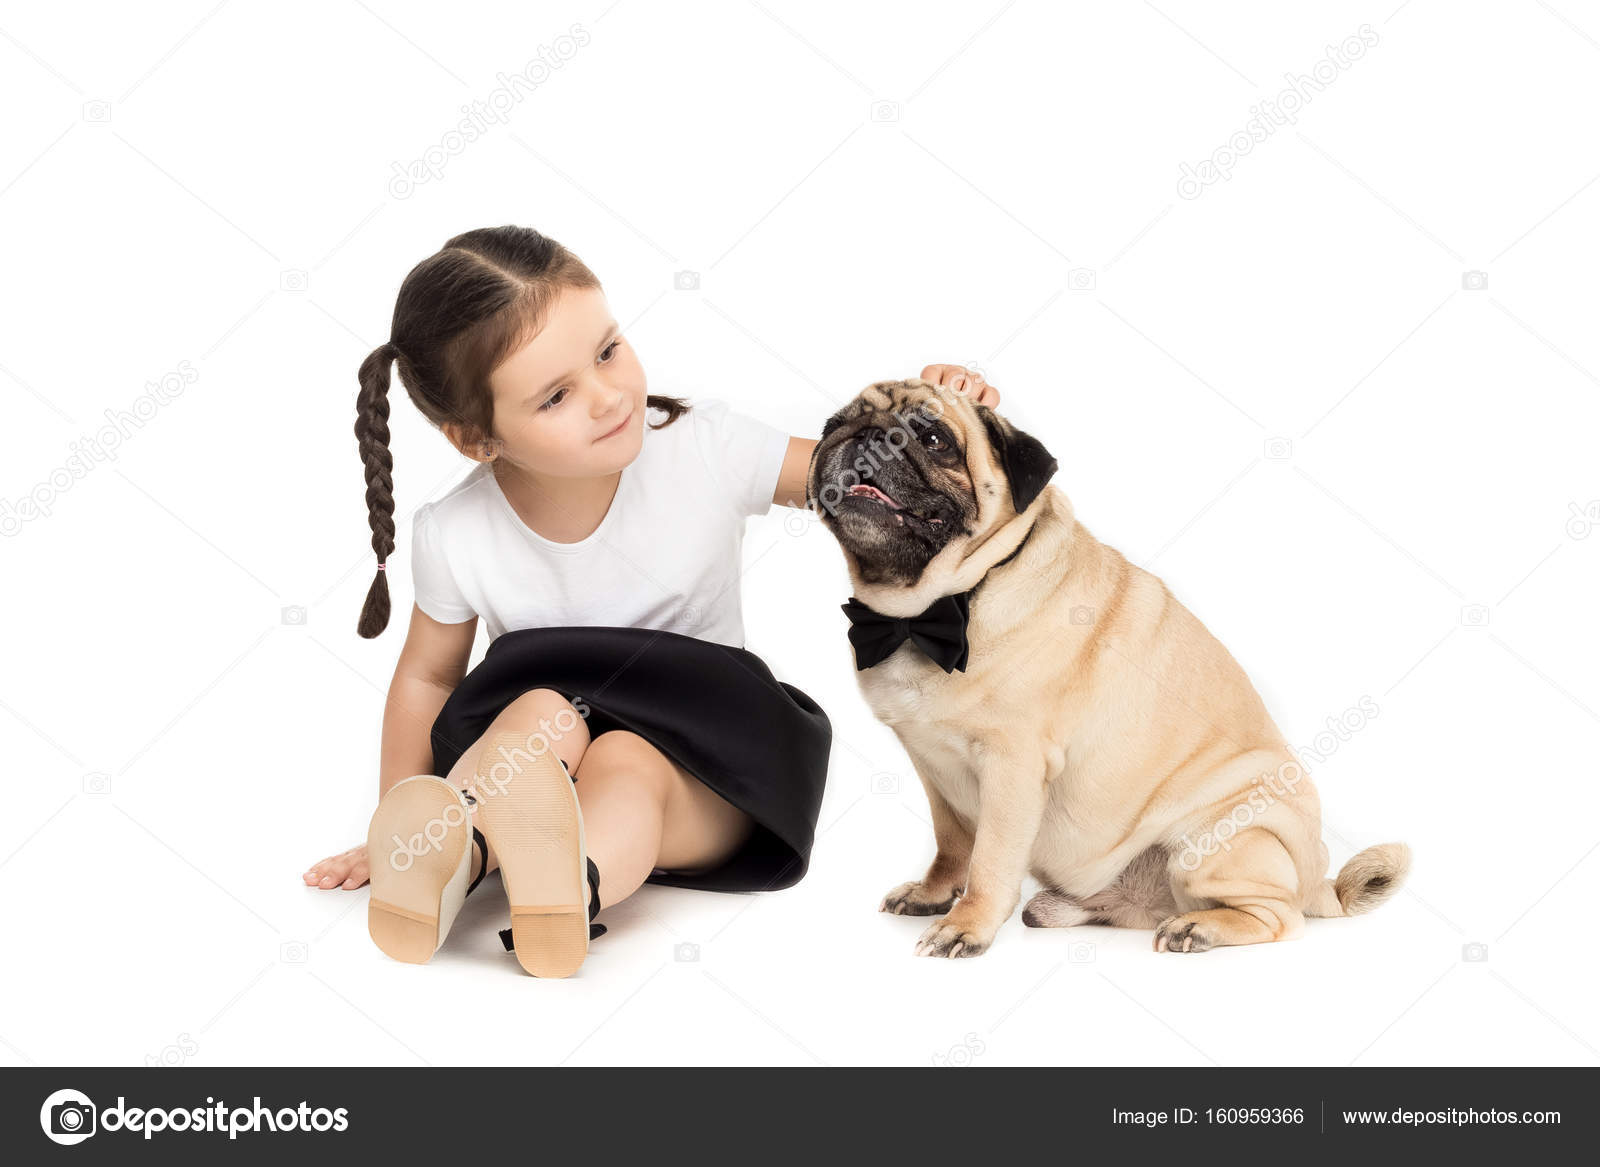 Fantastic Pug Bow Adorable Dog - depositphotos_160959366-stock-photo-girl-with-pug-dog  Pic_422924  .jpg